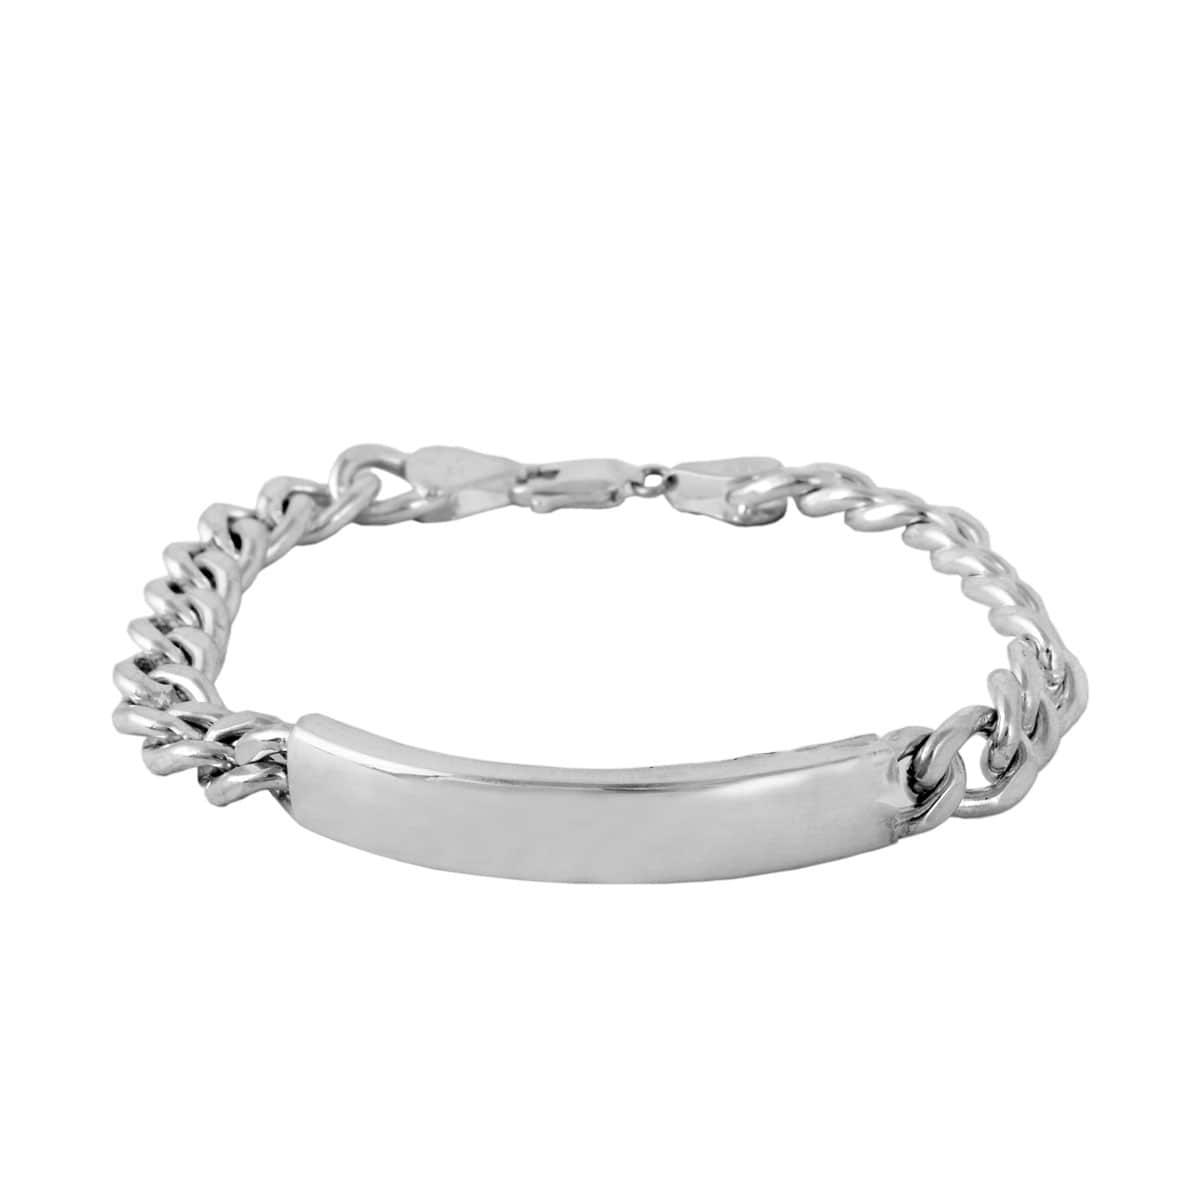 خرید دستبند نقره مردانه مدل ژاکوب